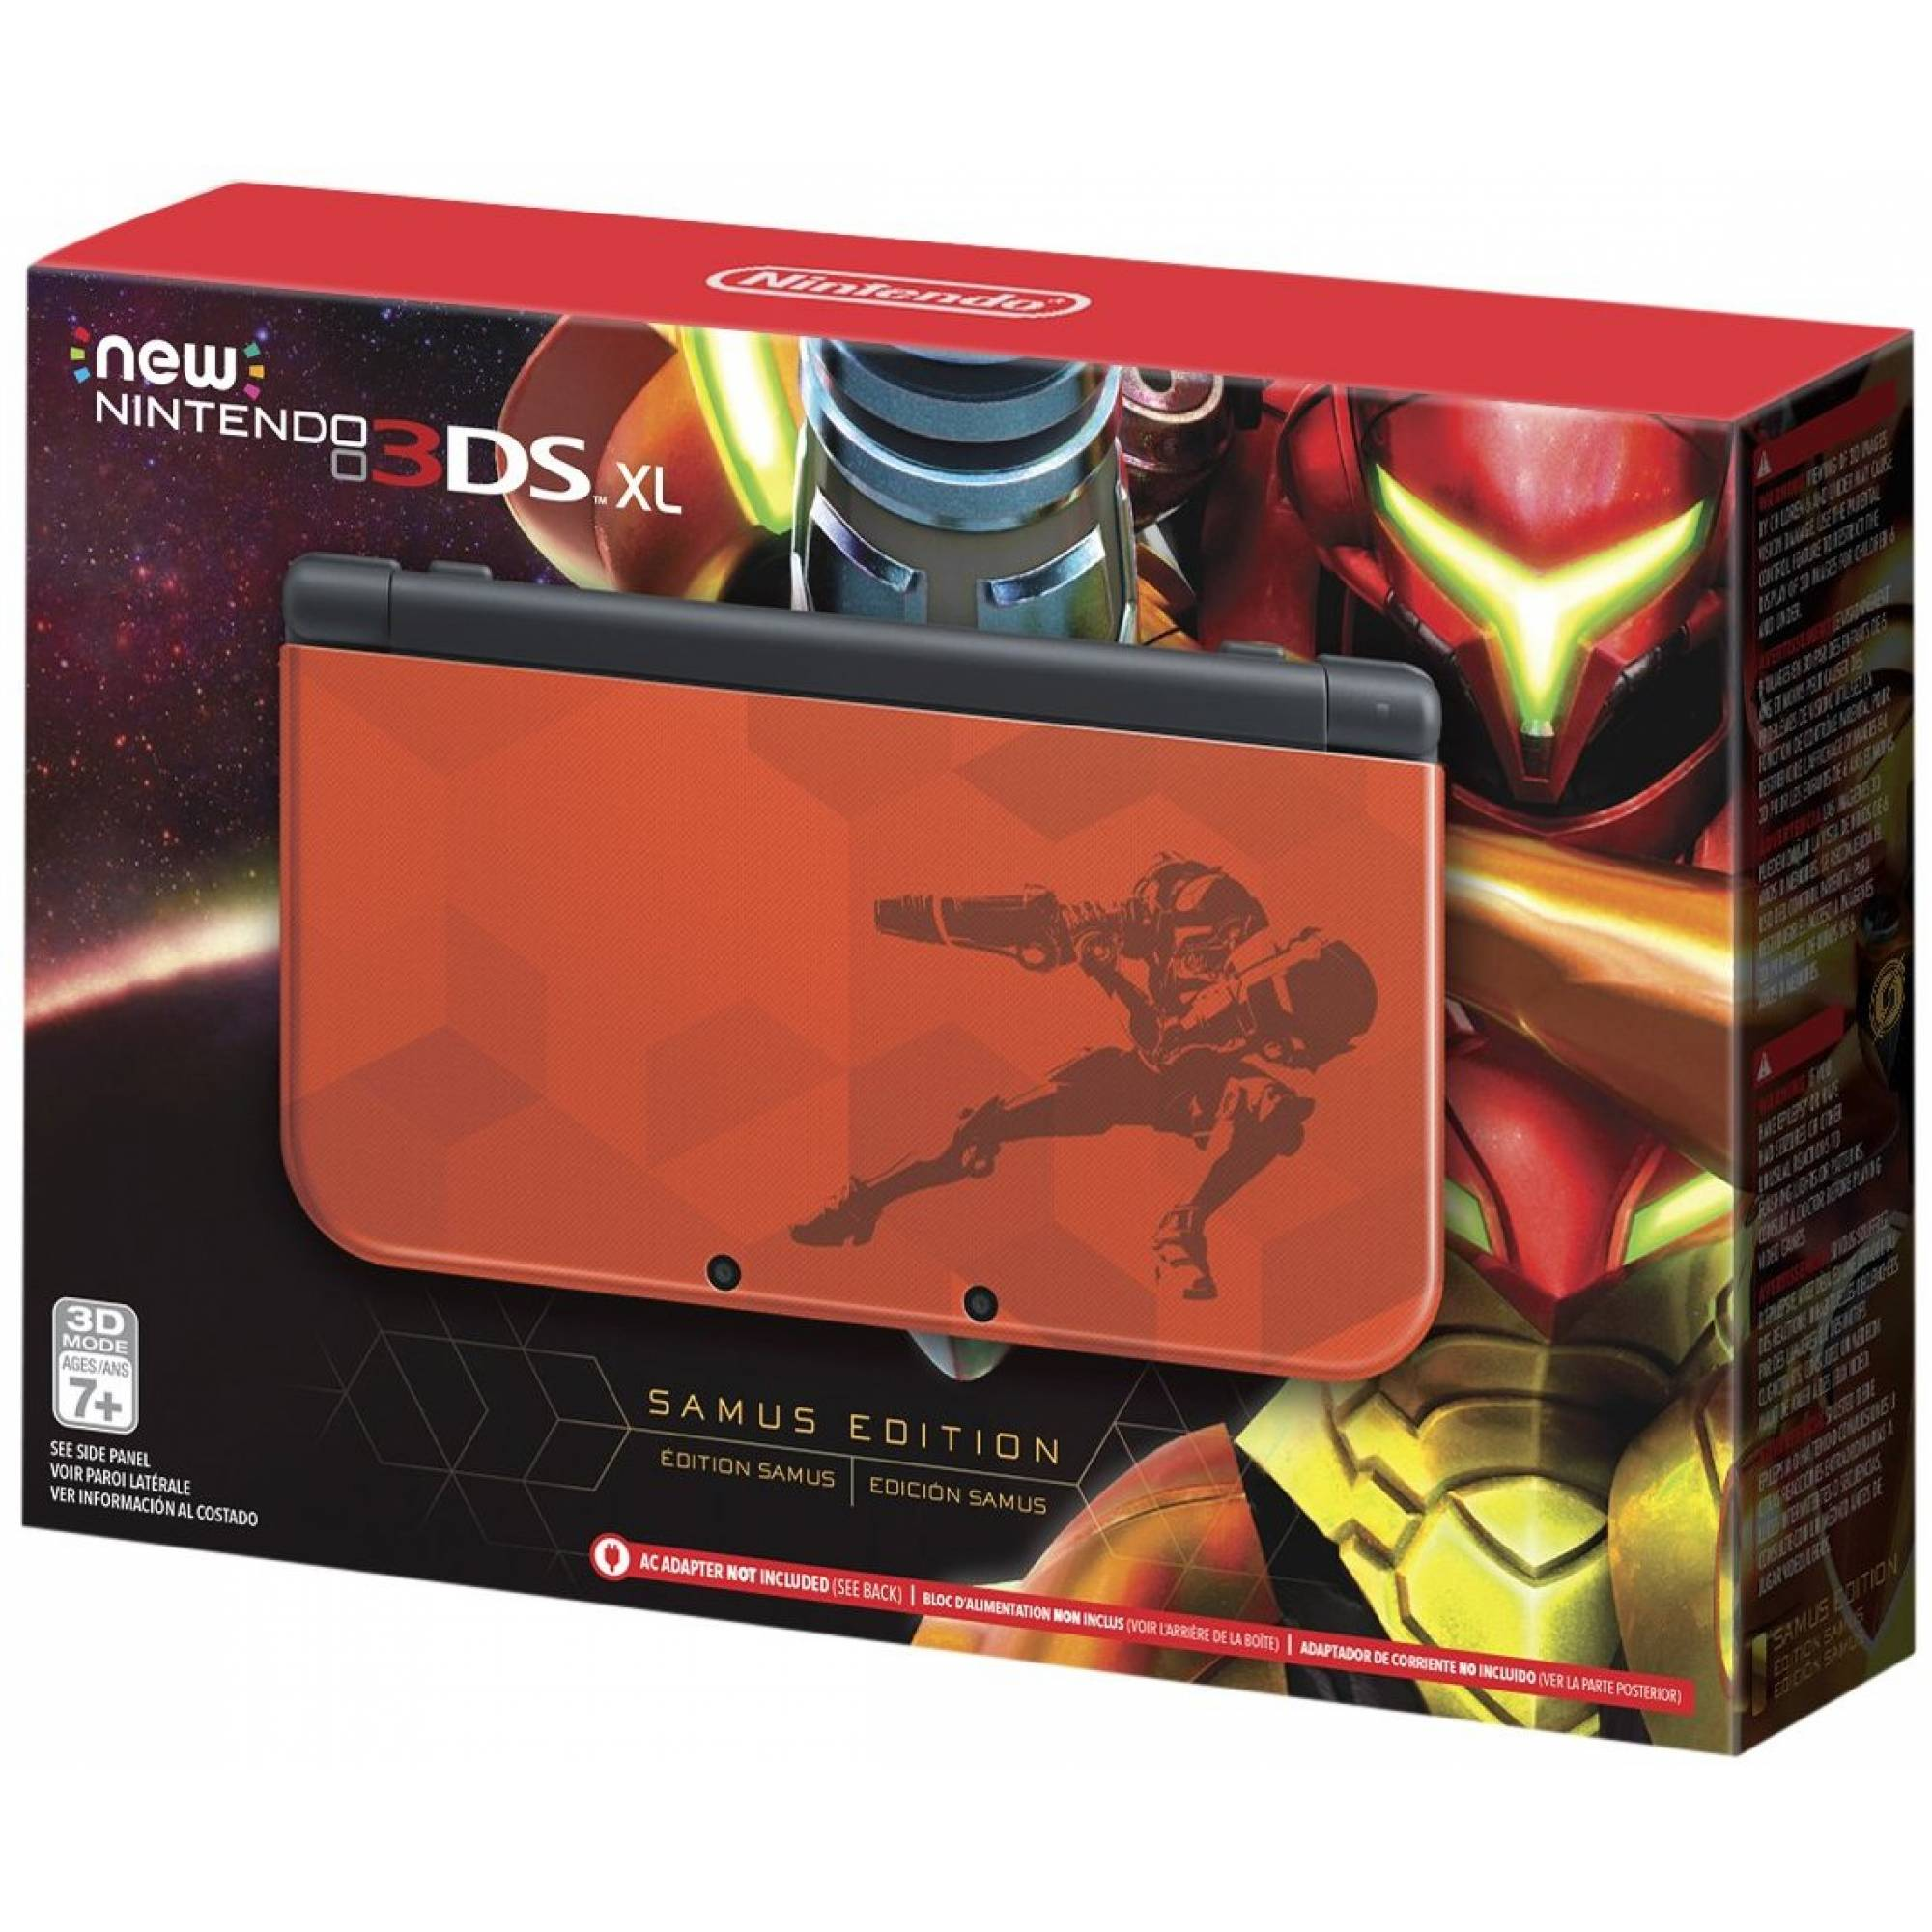 New Nintendo 3Ds XL Edição Samus + Carregador Original Nintendo + R4 + 8Gb + 400 Jogos